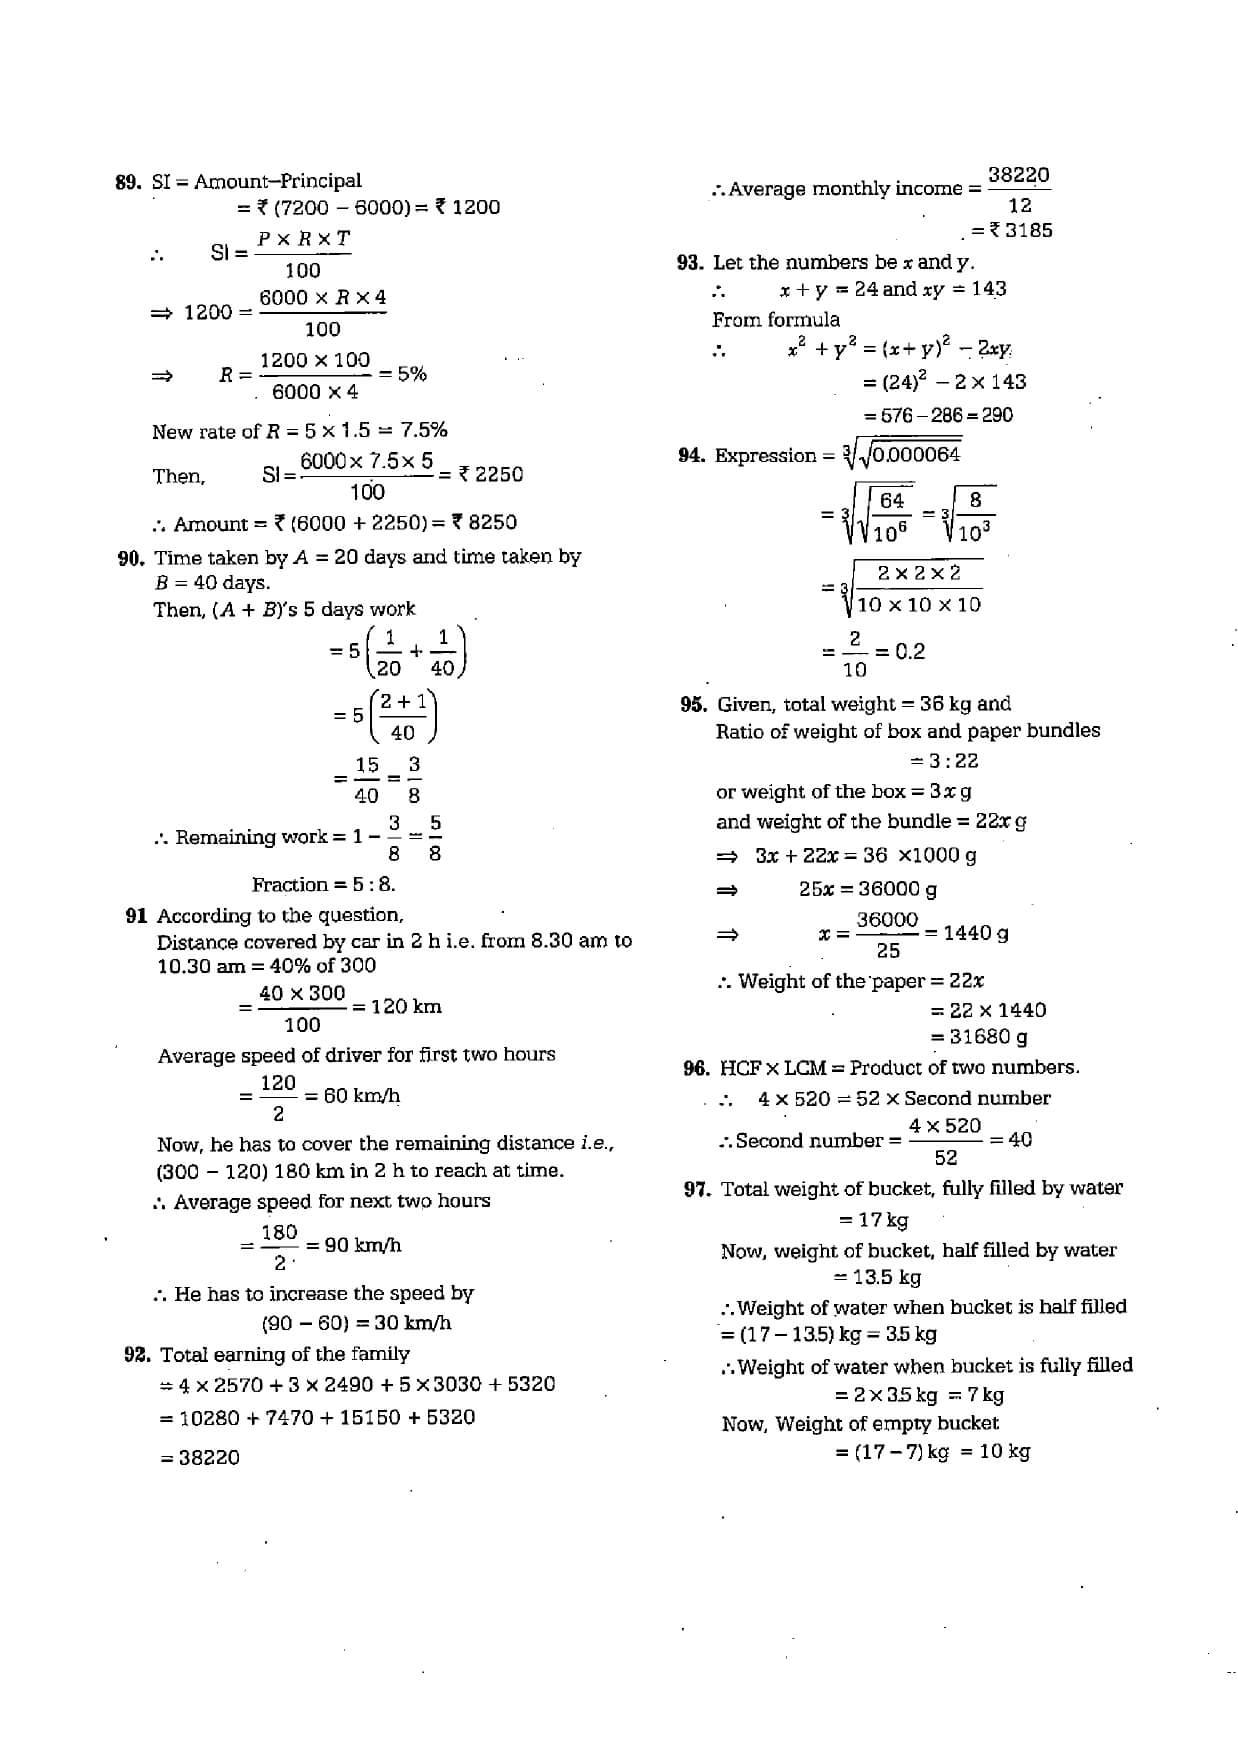 AFCAT 1 2020 Question Paper answer 11